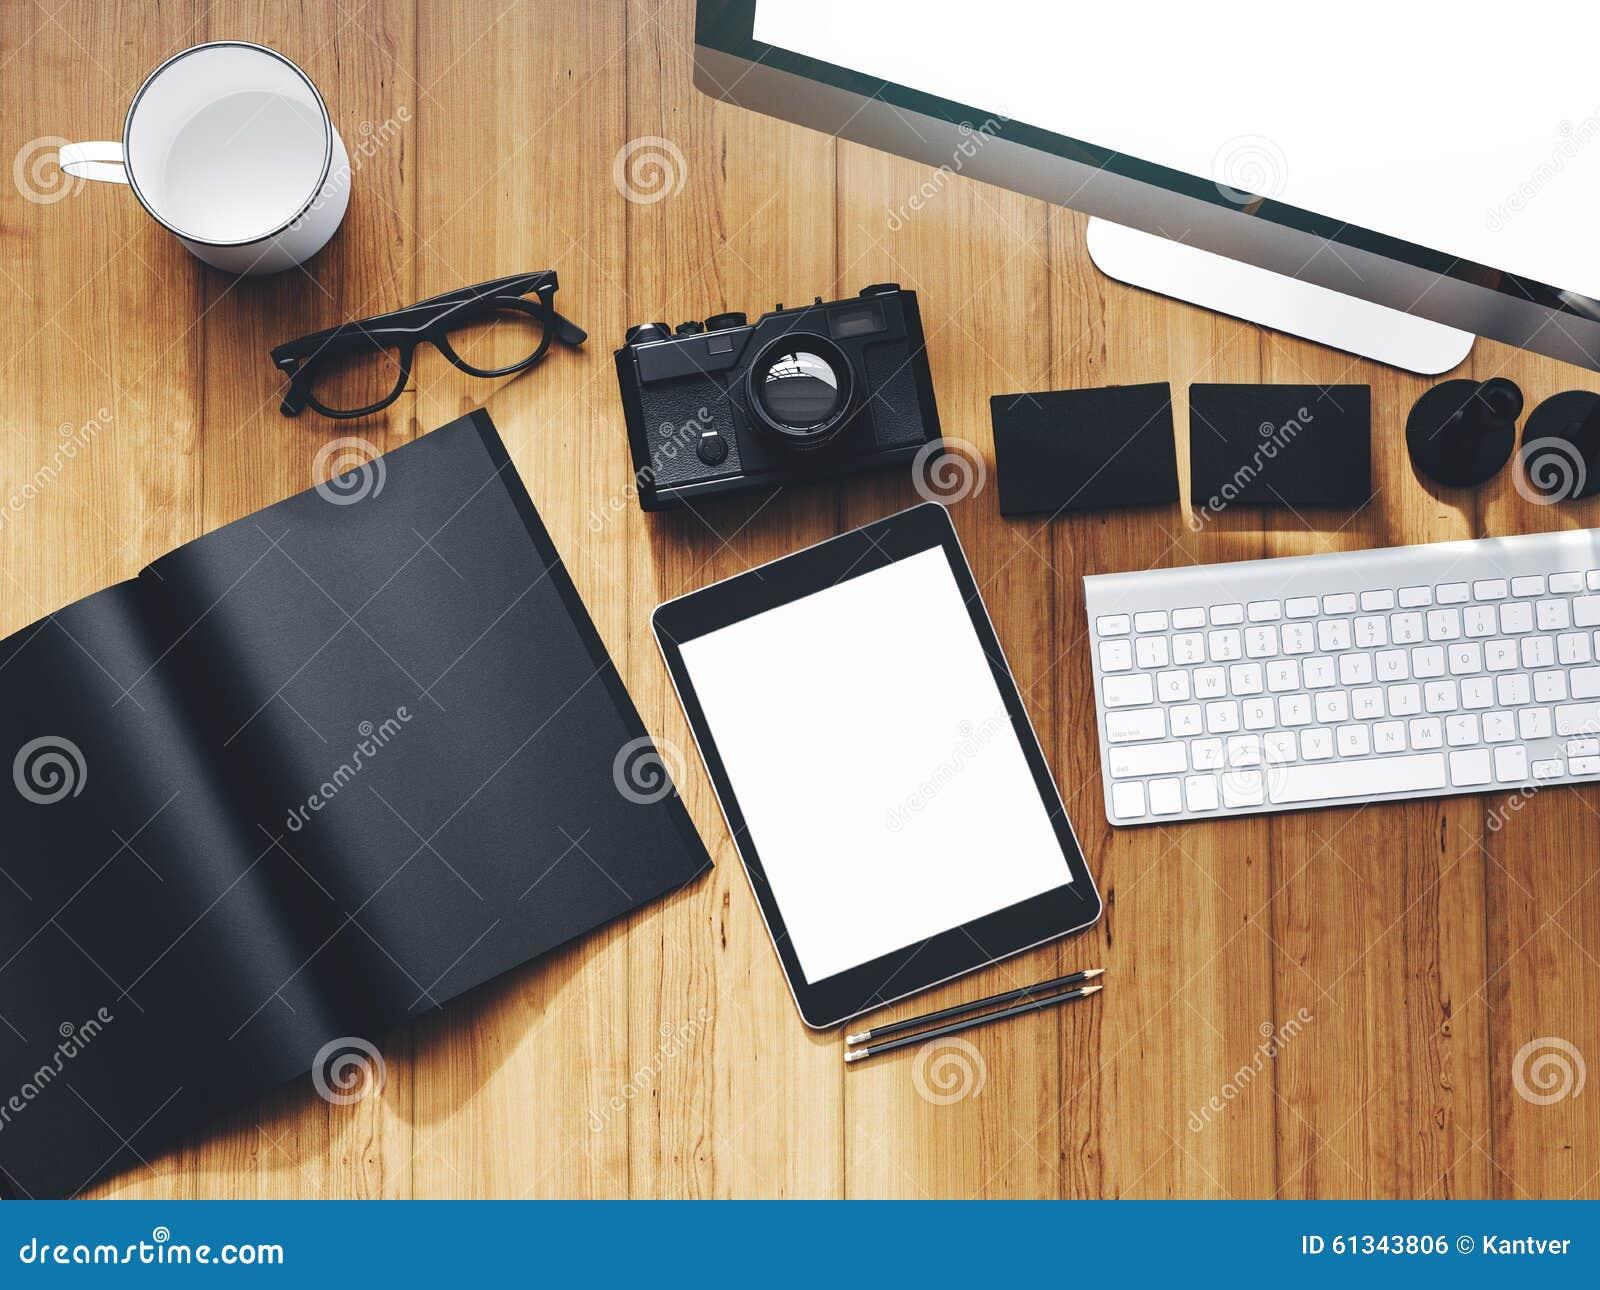 photo d 39 espace de travail moderne avec l 39 cran de bureau photo stock image 61343806. Black Bedroom Furniture Sets. Home Design Ideas